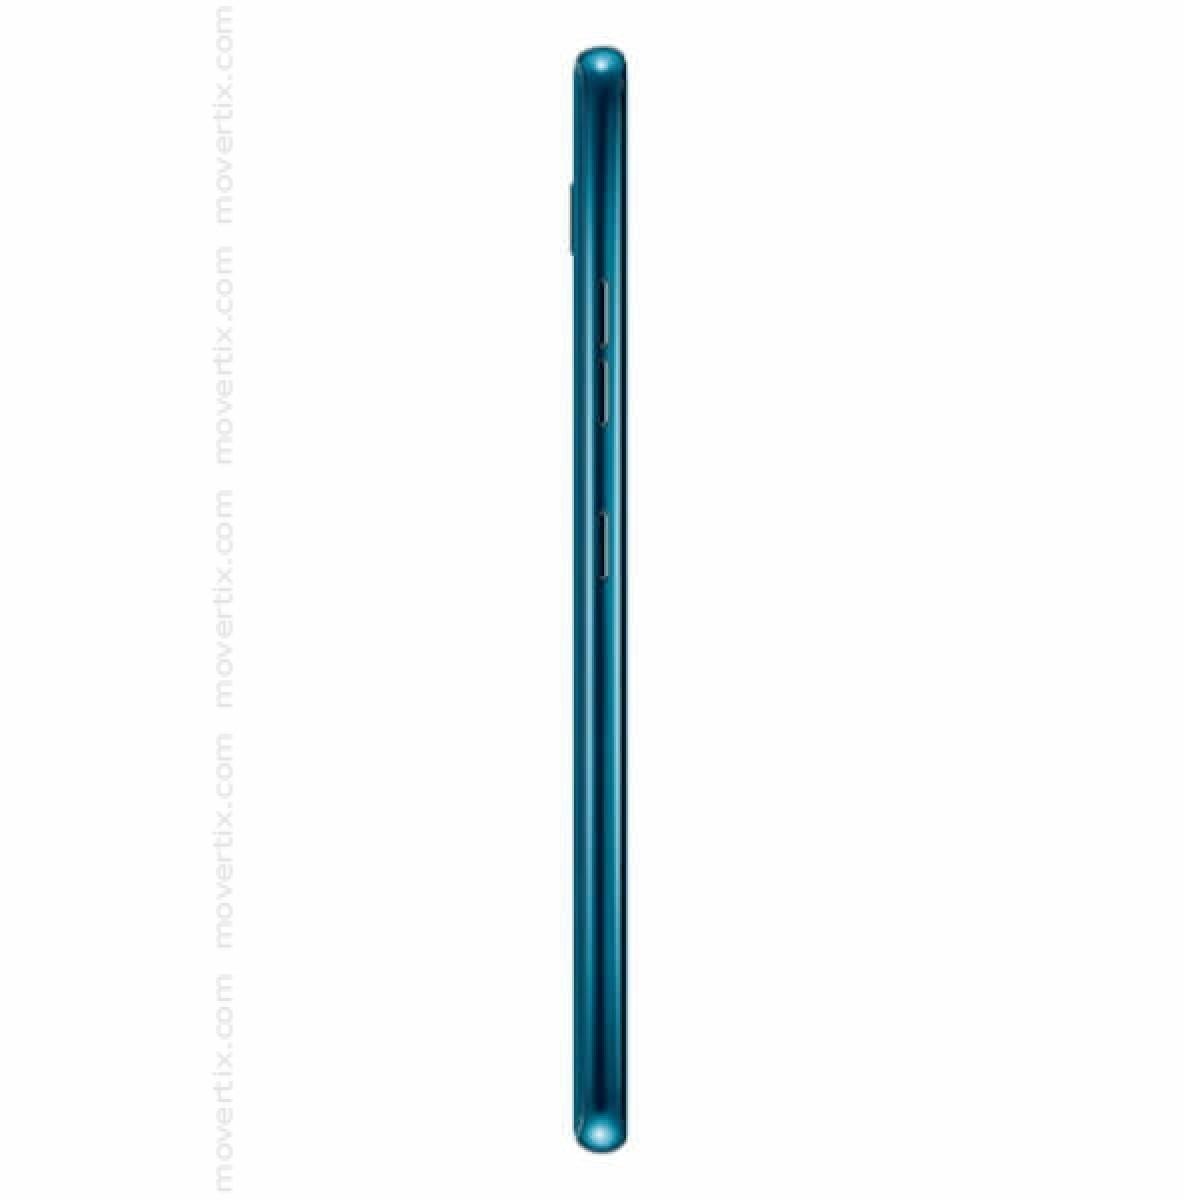 LG V40 ThinQ Dual SIM Blue 128GB and 6GB RAM (V405EBW)